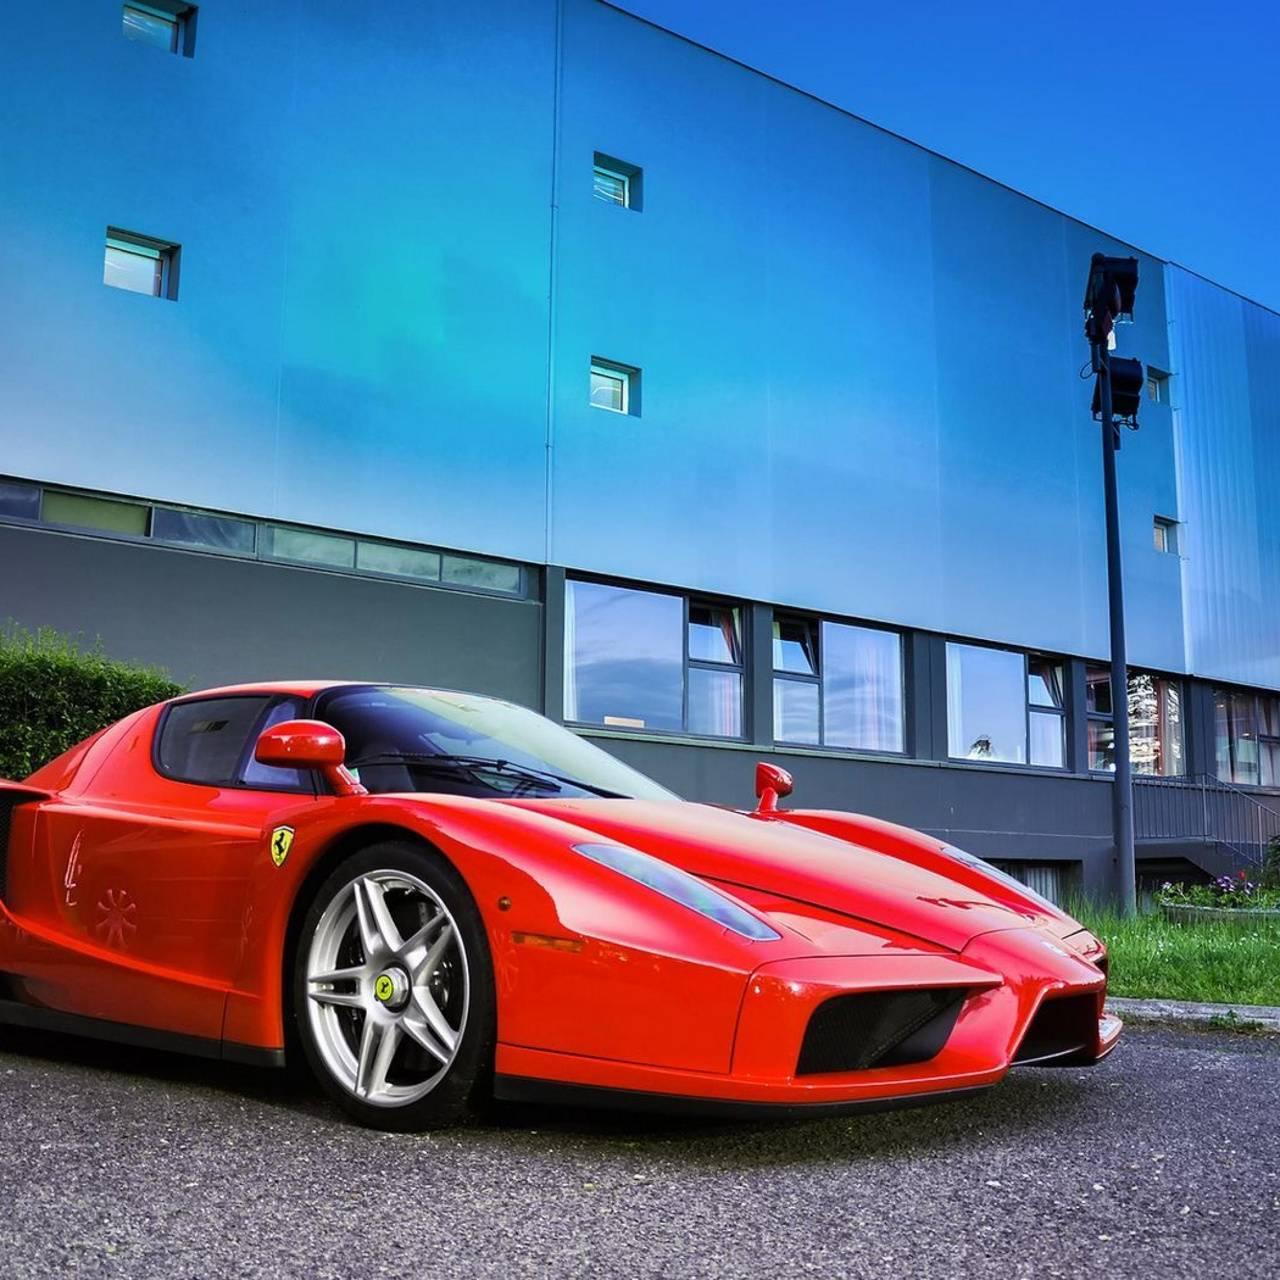 Cool Ferrari